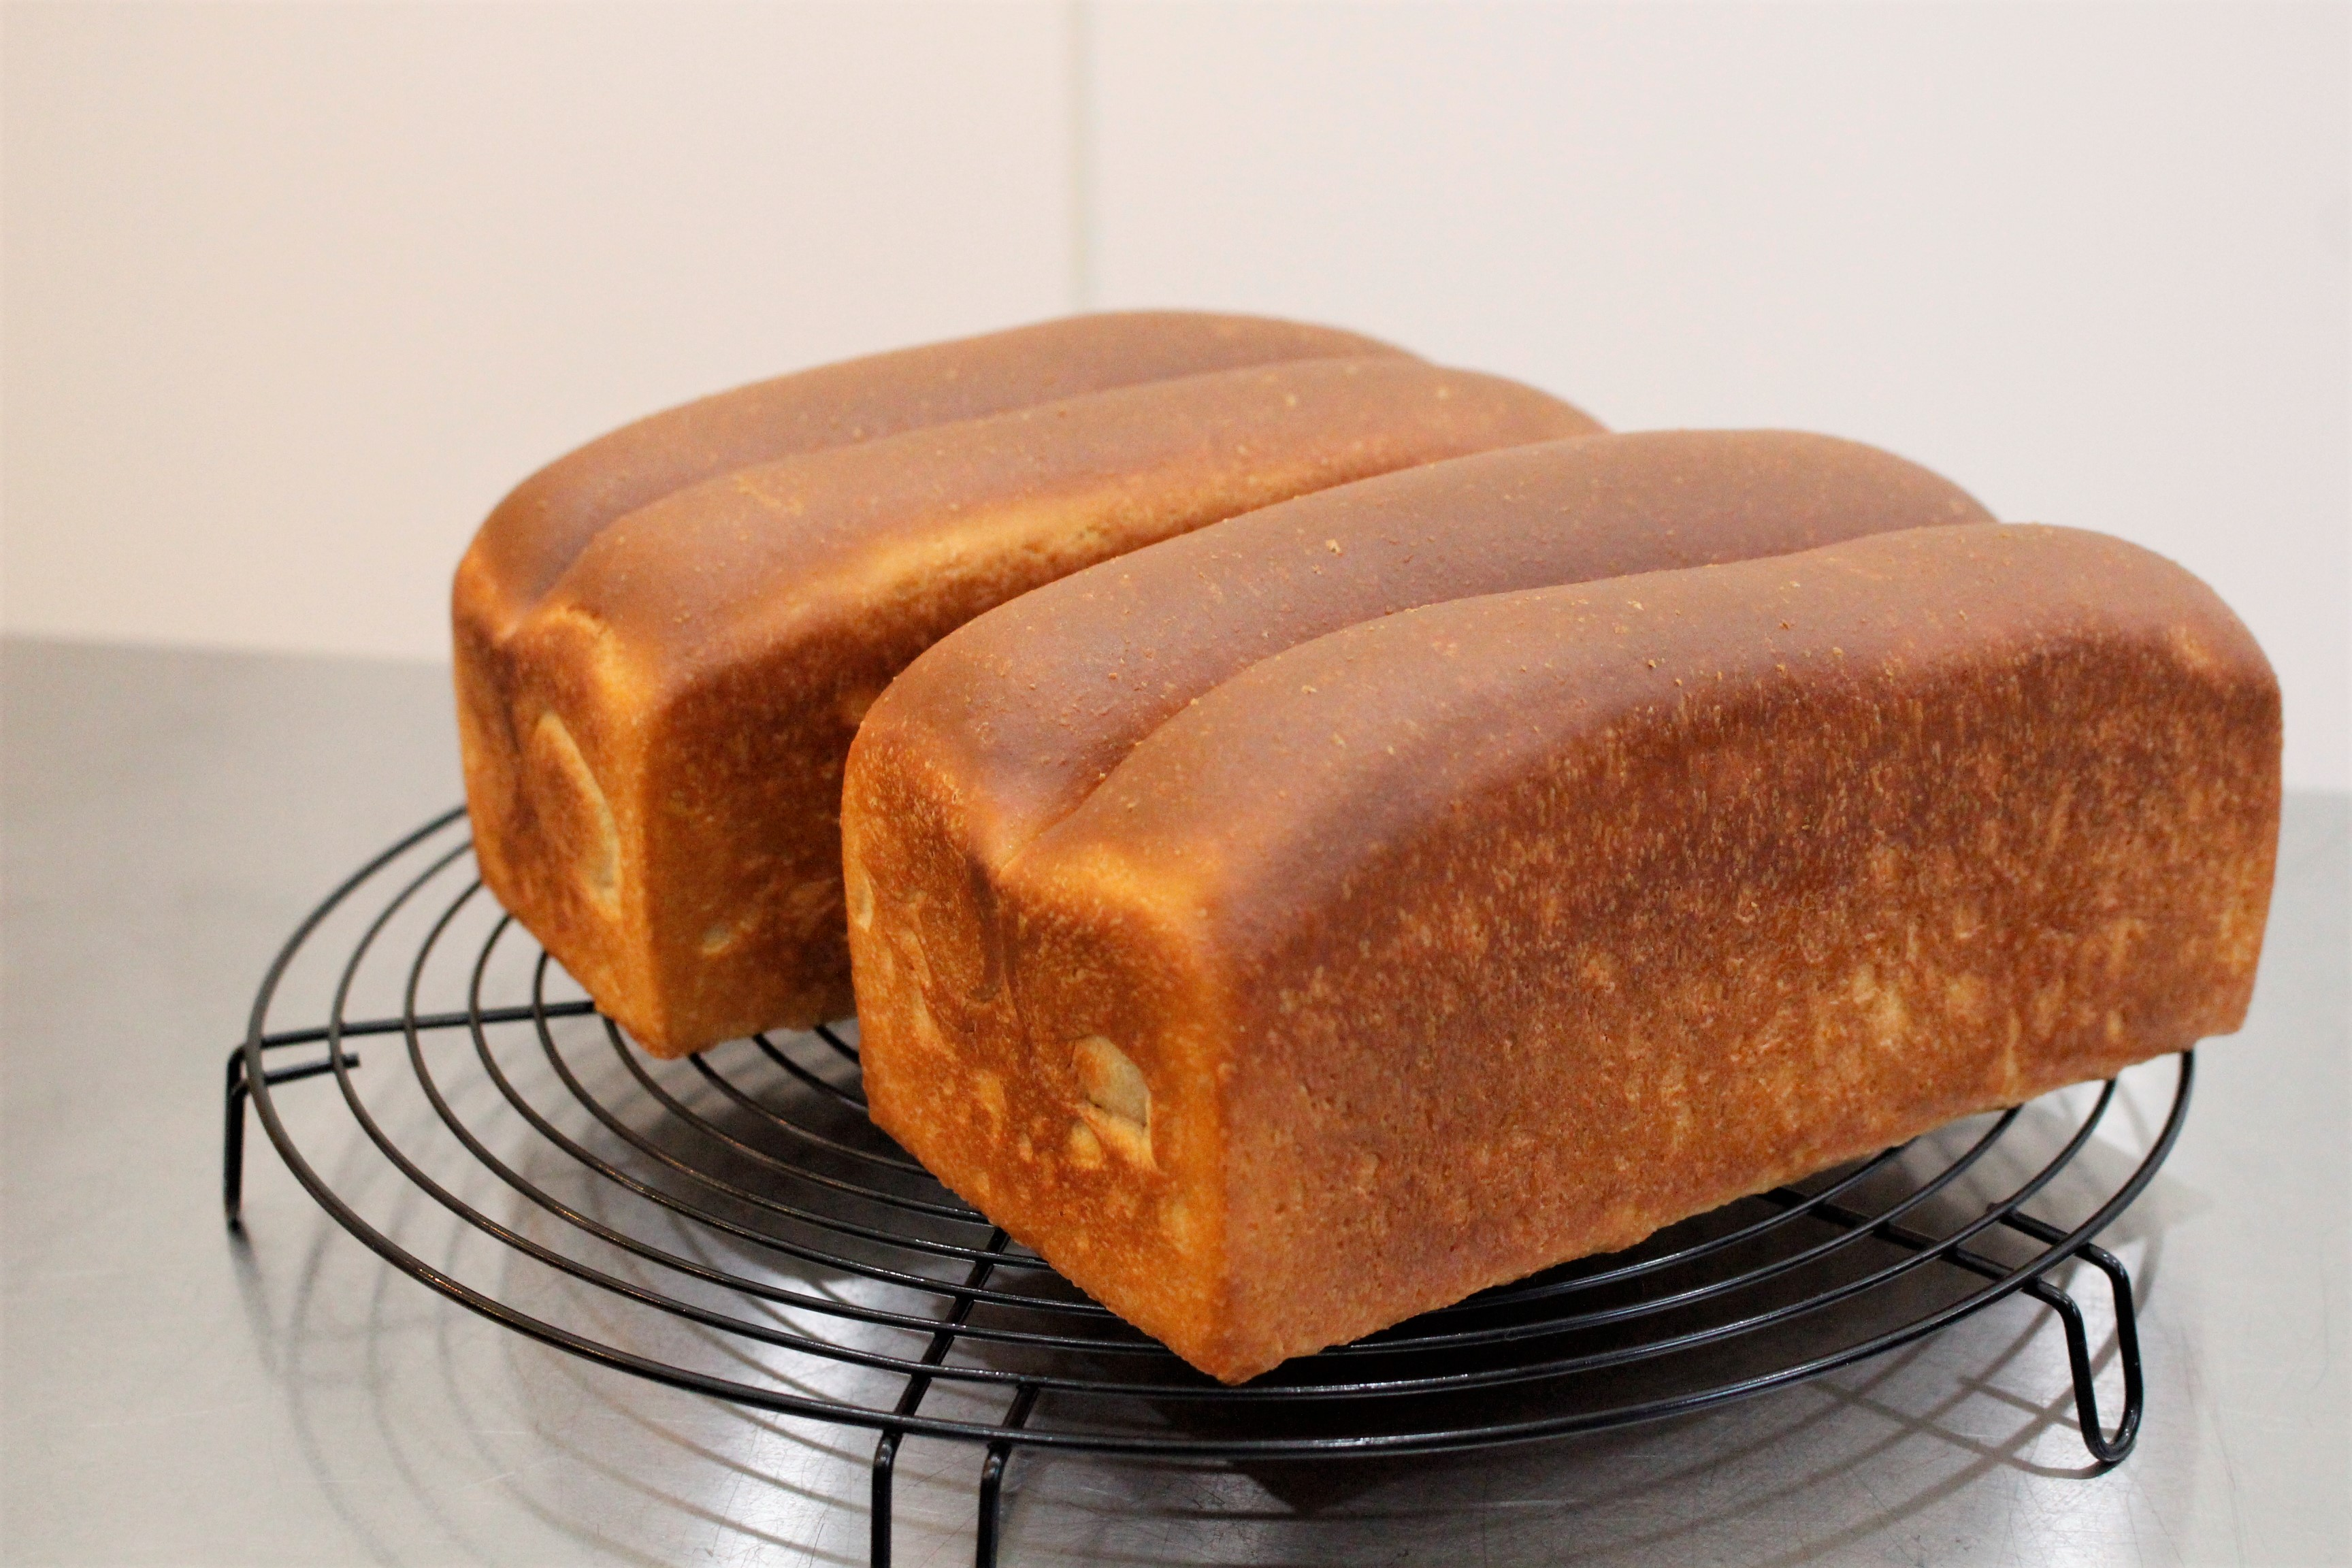 a-ta-sante糖質制限パン料理教室。阿倍野区。桃ヶ池町。a-ta-sant'e.京都江部粉糖質オフパン。コンプリートコースパート1。低糖質ロールパン。「糖質オフパンがここまで美味しくつくれる秘密!」低糖食コーディネーター。利野郁枝。a-ta-sante糖質制限パン料理教室。阿倍野区。桃ヶ池町。a-ta-sant'e.京都江部粉糖質オフパン。2020.9.2。コンプリートコースPERT2。低糖質ロールパン。低糖食コーディネーター。利野郁枝。